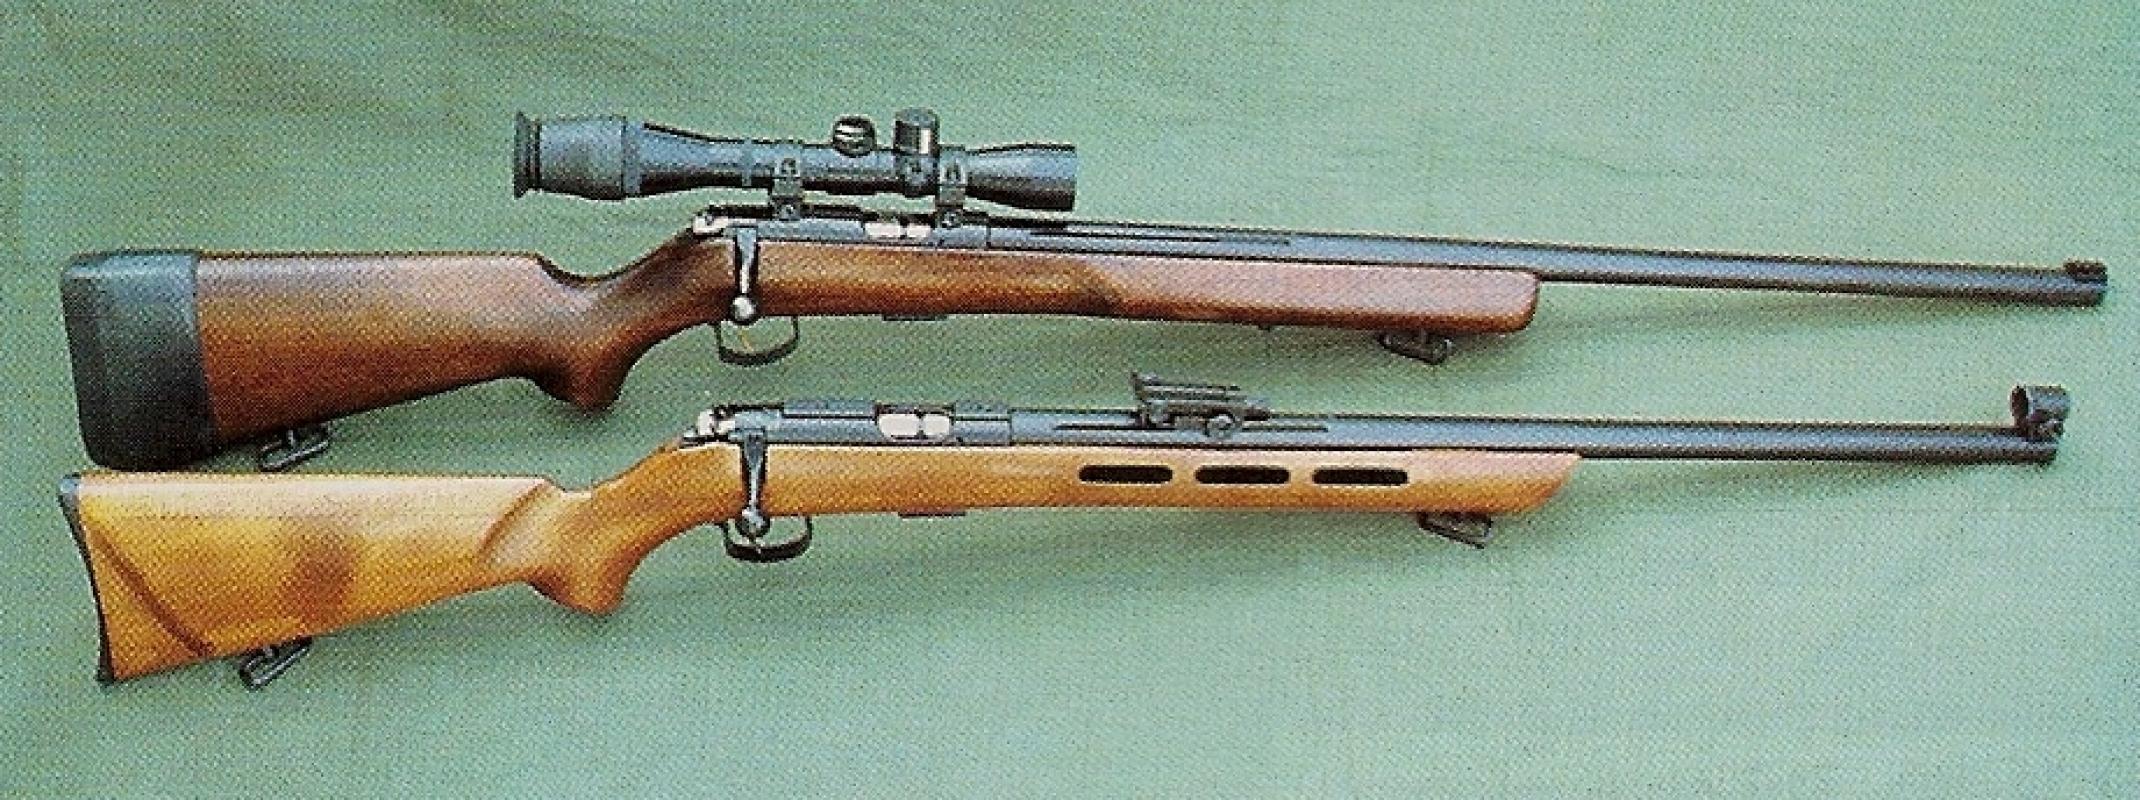 Comparaison entre le modèle qui nous a été confié et un modèle militaire qui se différencie par un canon légèrement plus long (70 cm au lieu de 63), un fût large non ventilé et une détente recouverte d'une protection anti-corrosion. L'exemplaire photographié est muni d'une lunette Pilad 4 x 32.